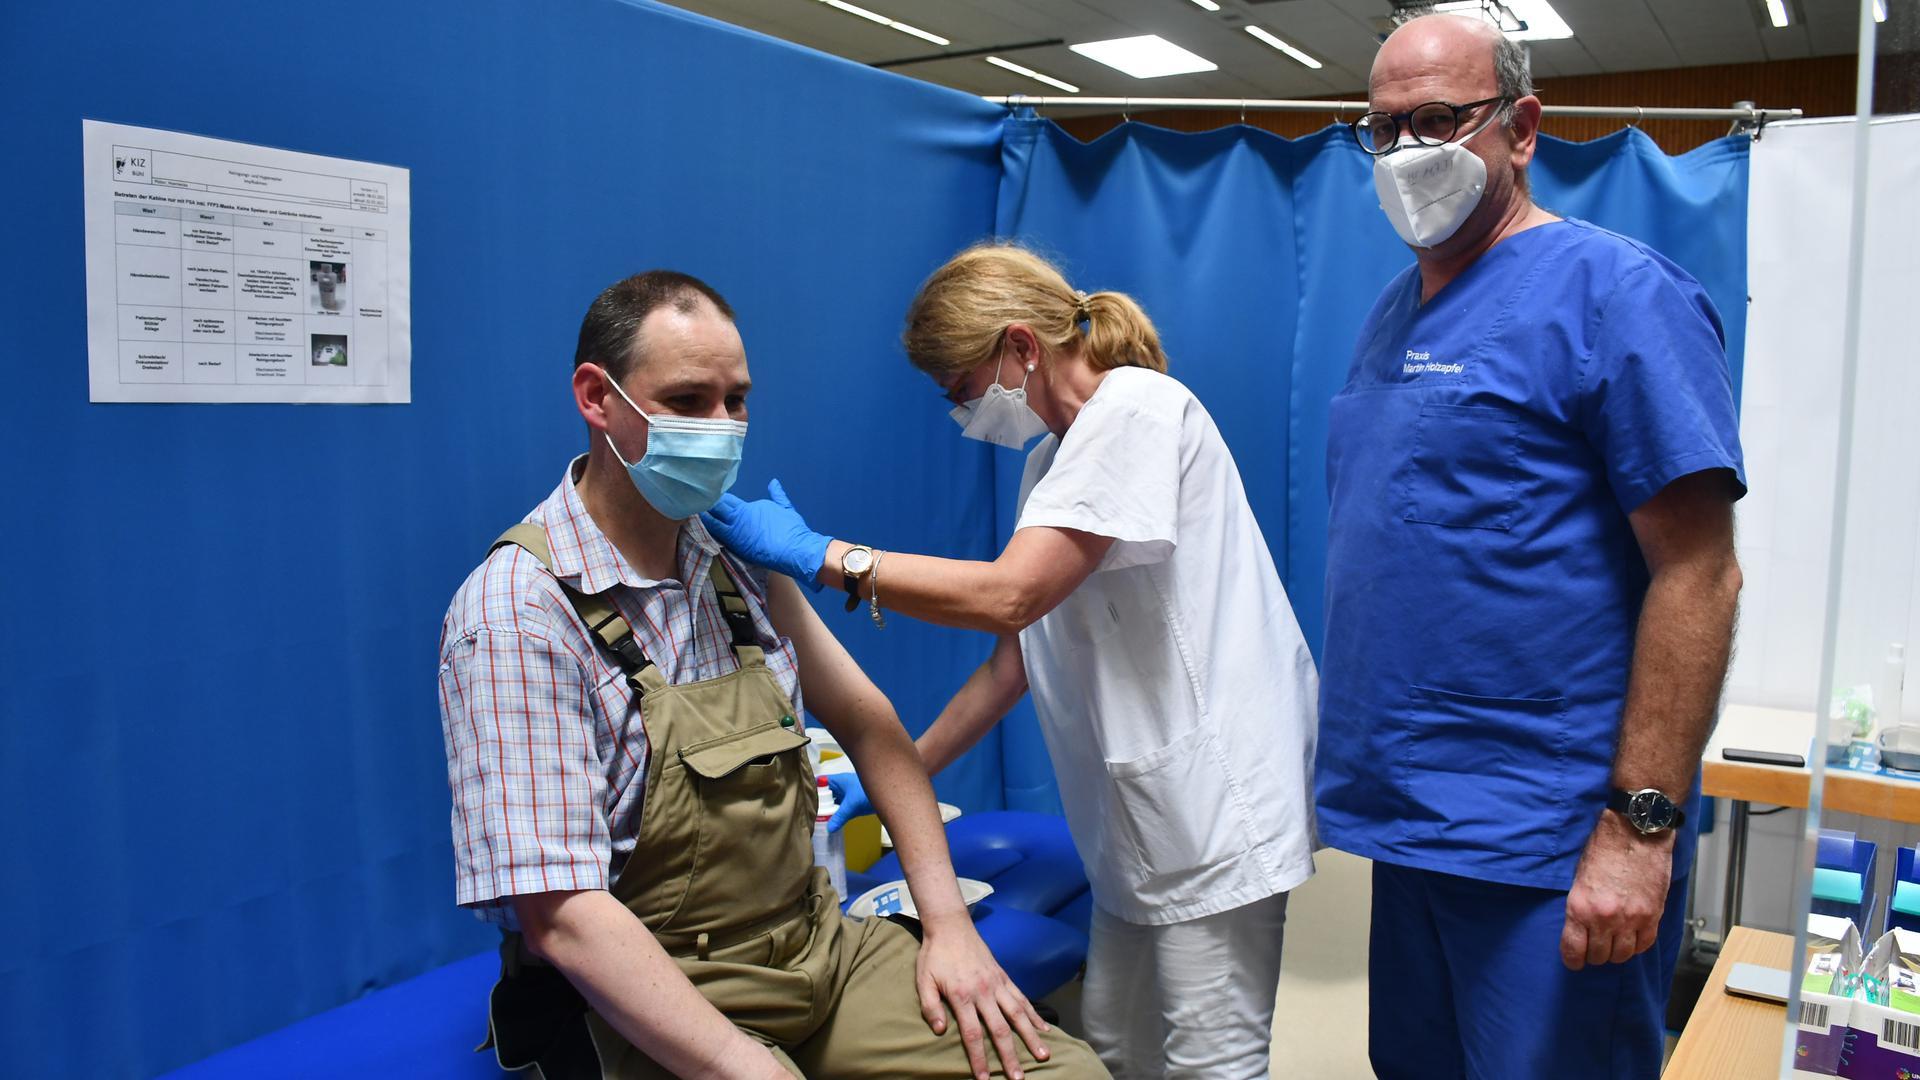 Andreas Bauer aus Bühlertal beim Impfen.